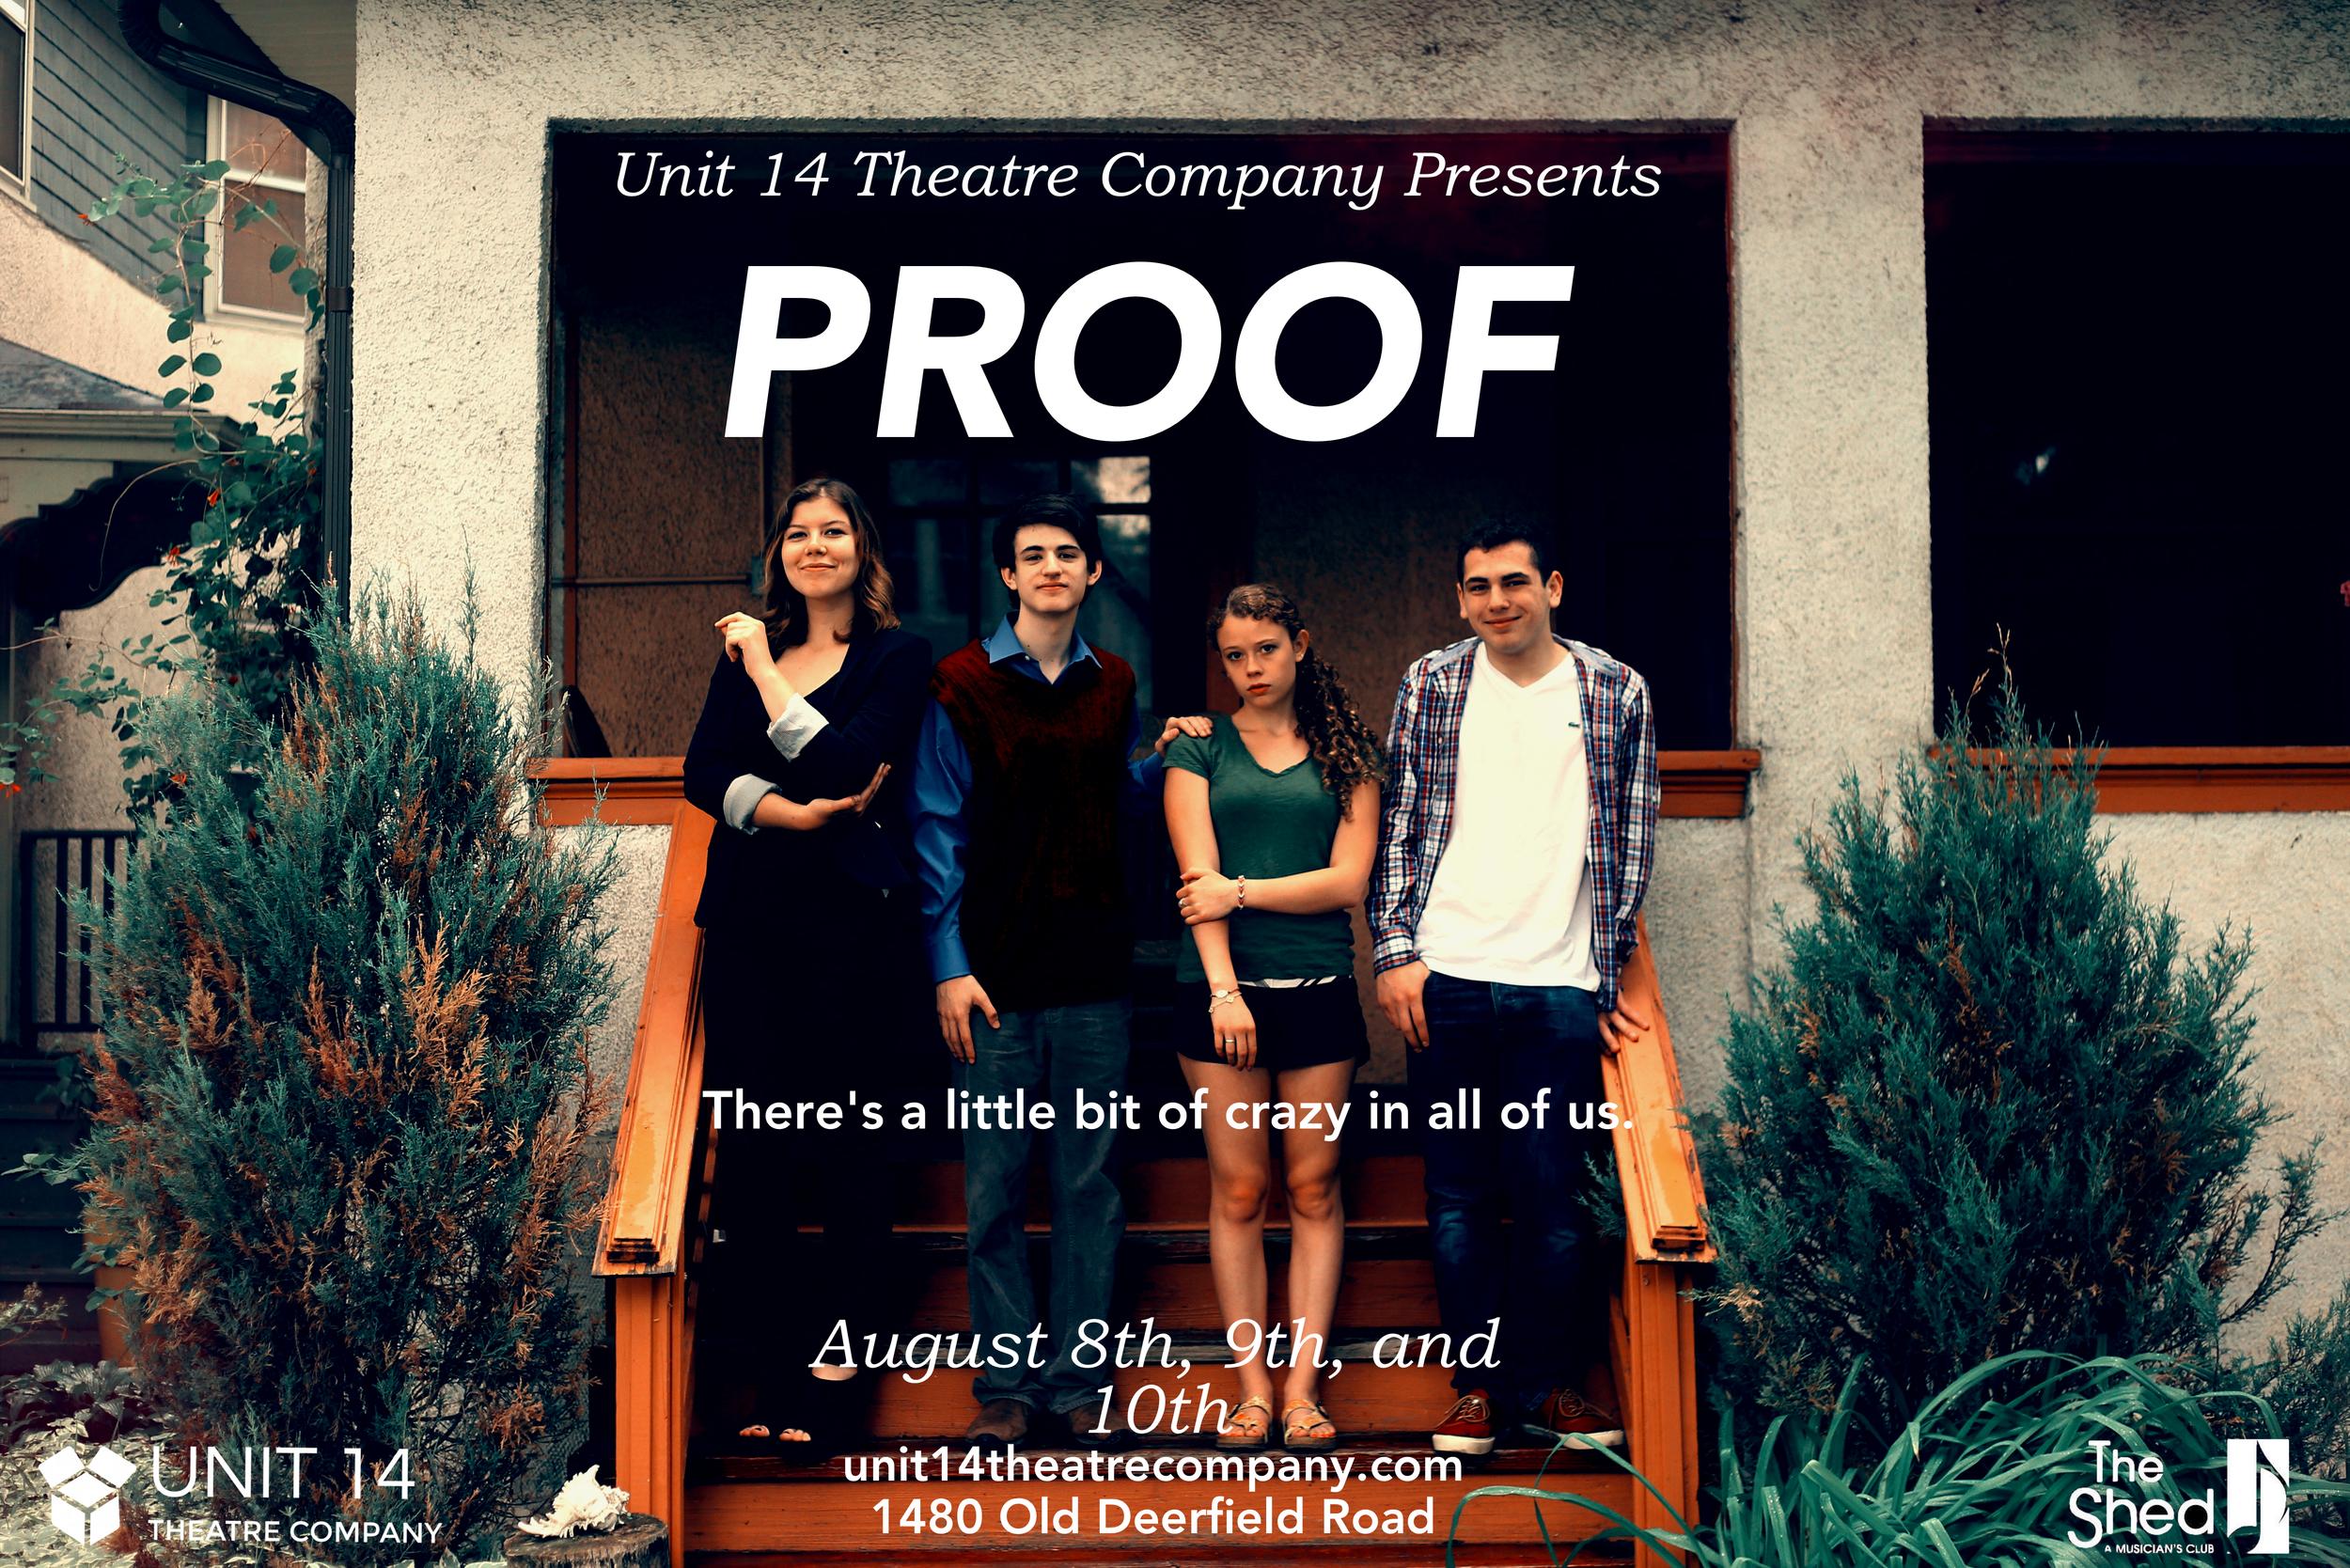 proof full cast poster.jpg